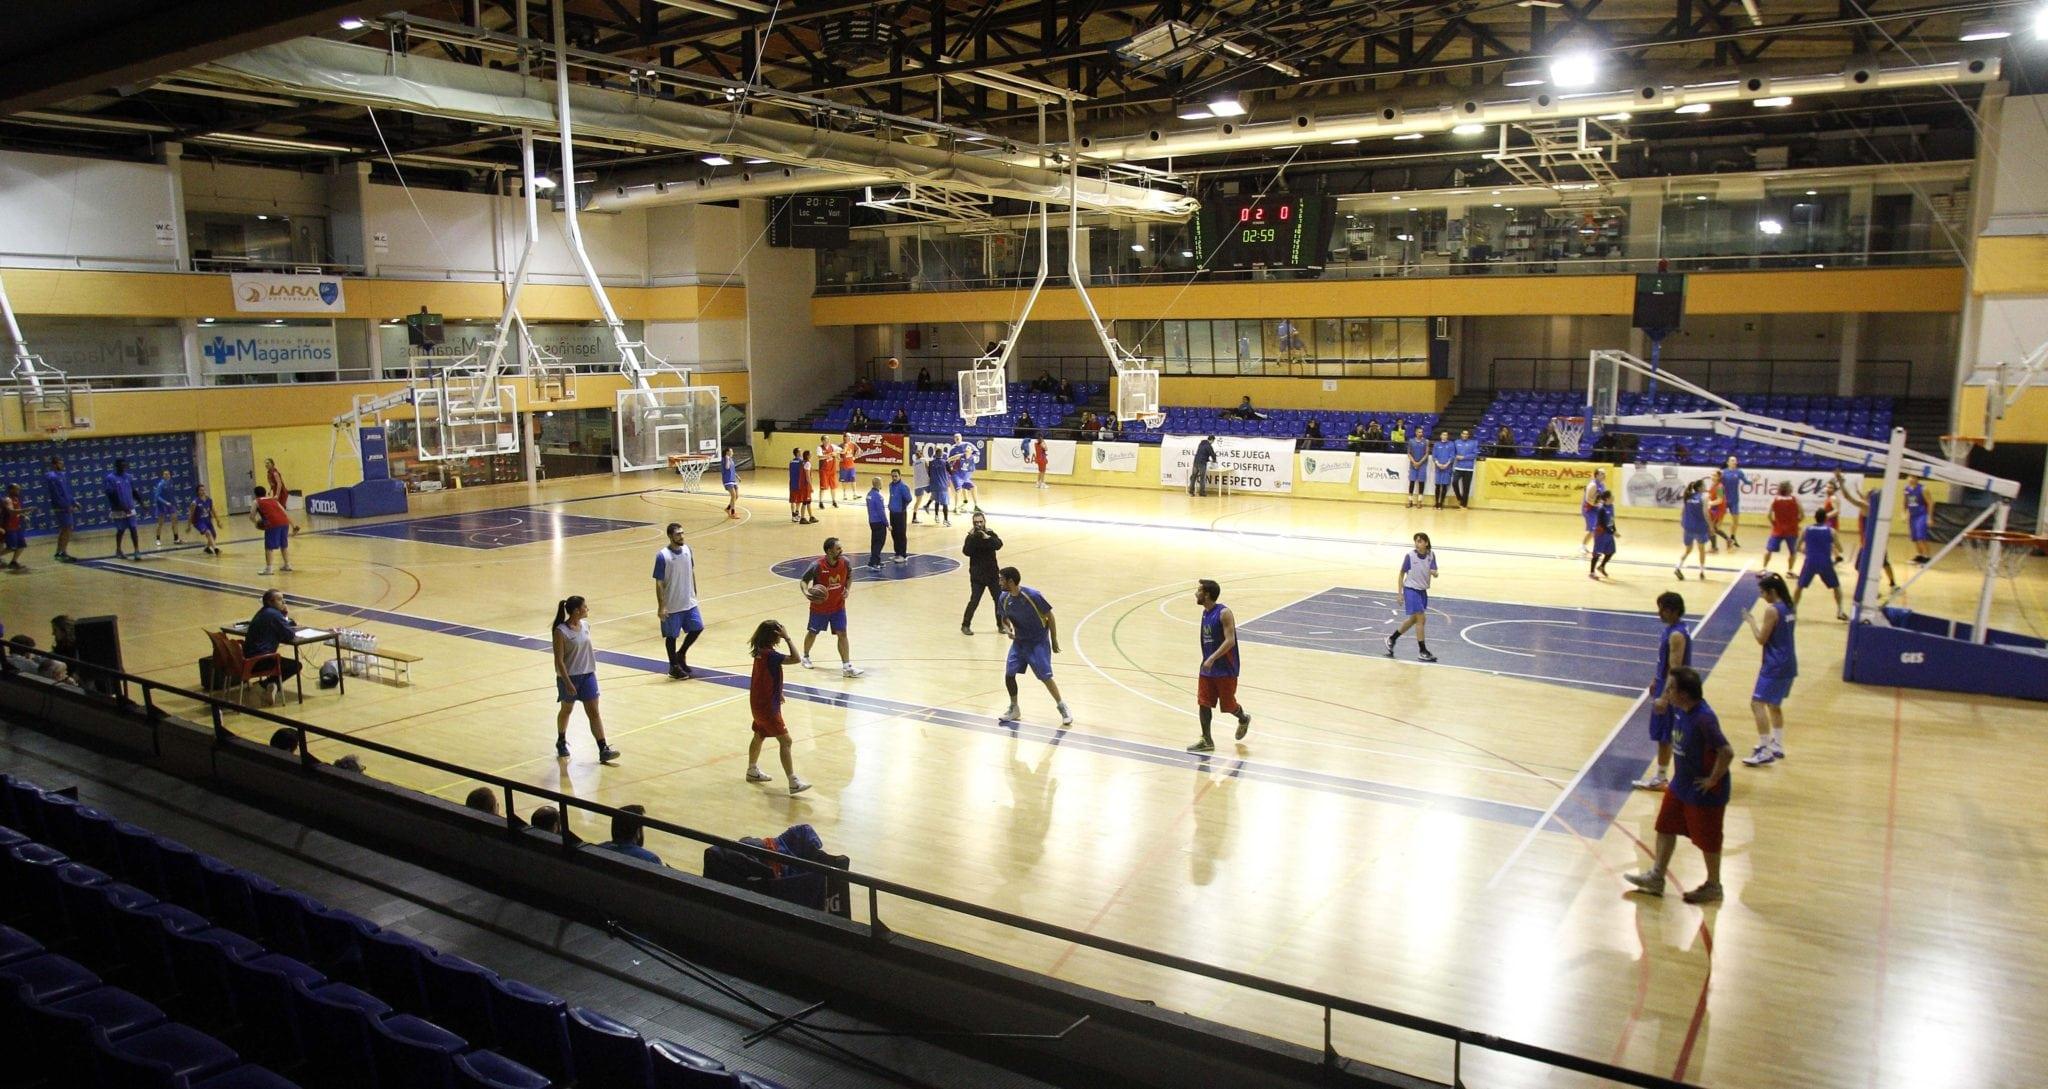 El ProAm del Club de Negocios Movistar Estudiantes da un paso adelante y ahora es mixto, con jugadores de Liga Endesa y jugadoras de Liga Femenina 2